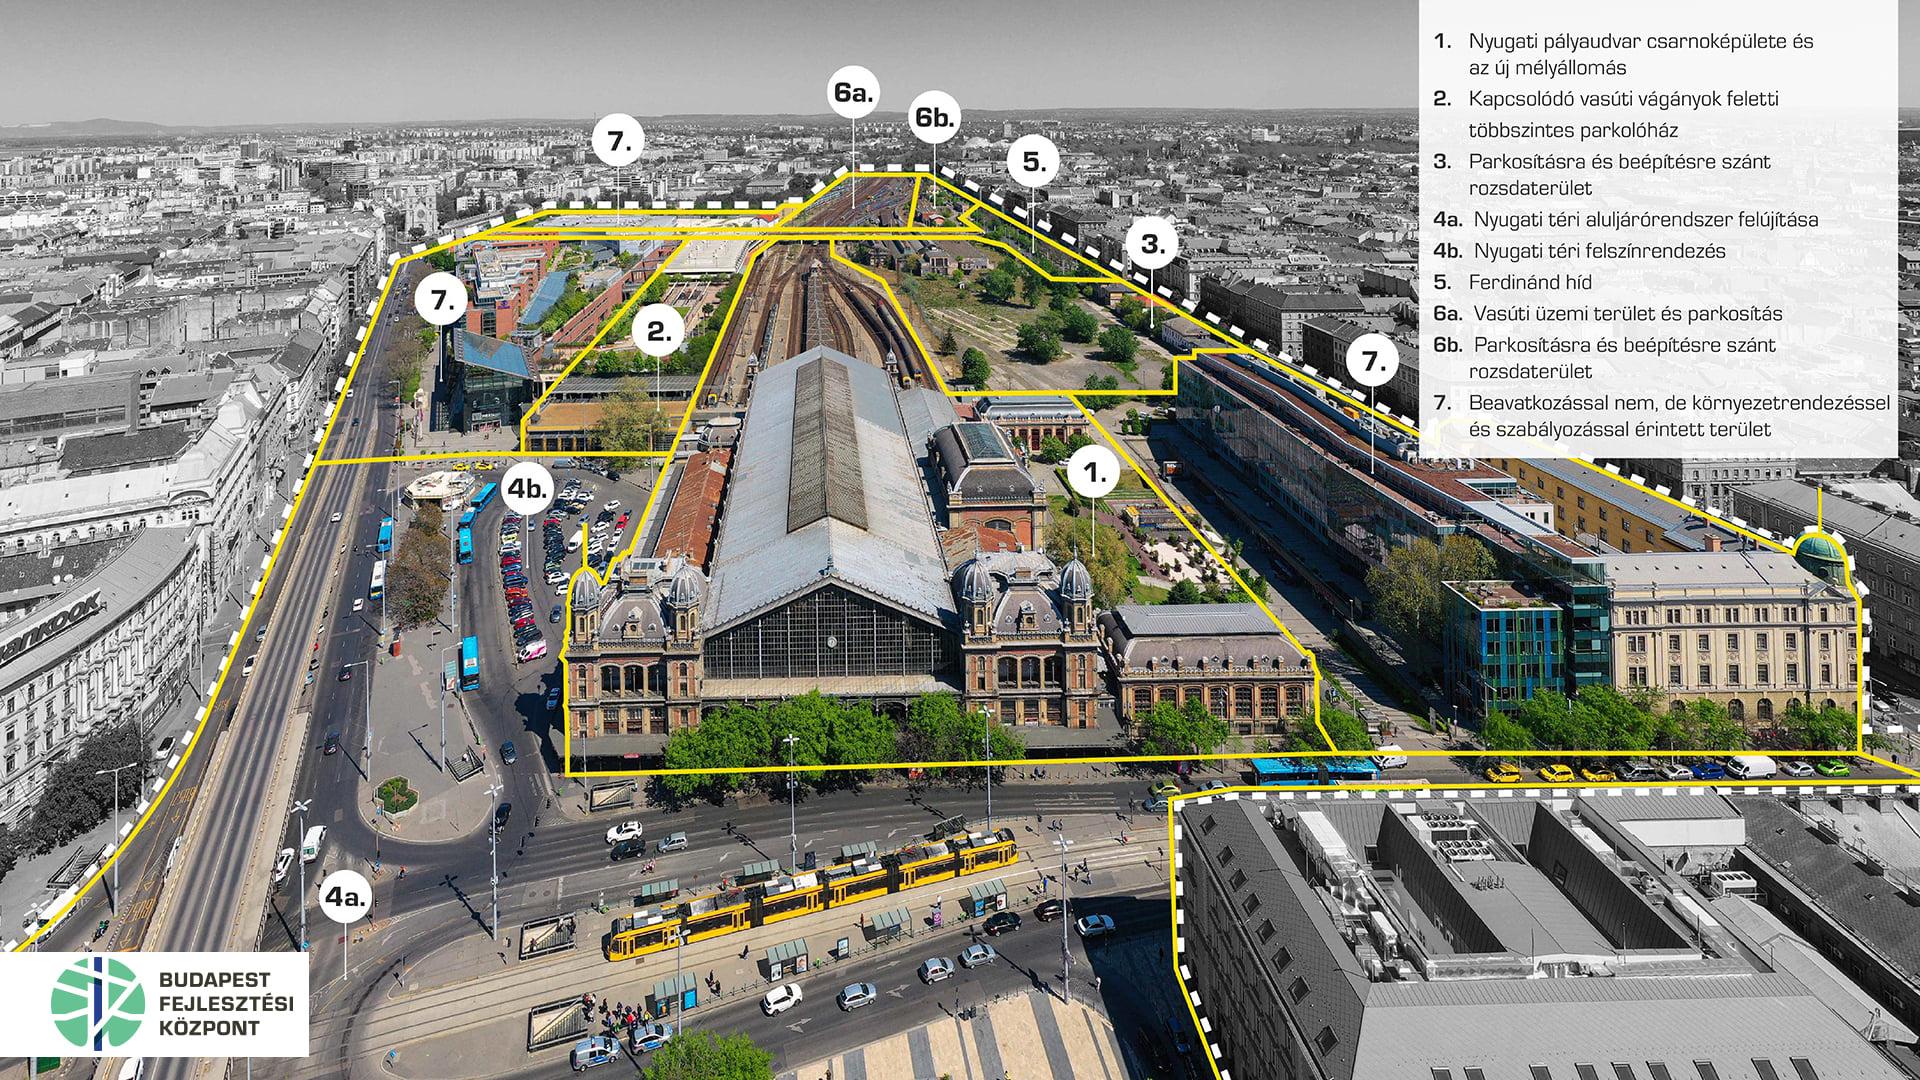 Nemzetközi építészeti tervpályázatot írtak ki a Nyugati pályaudvar és a Nyugati tér megújítására